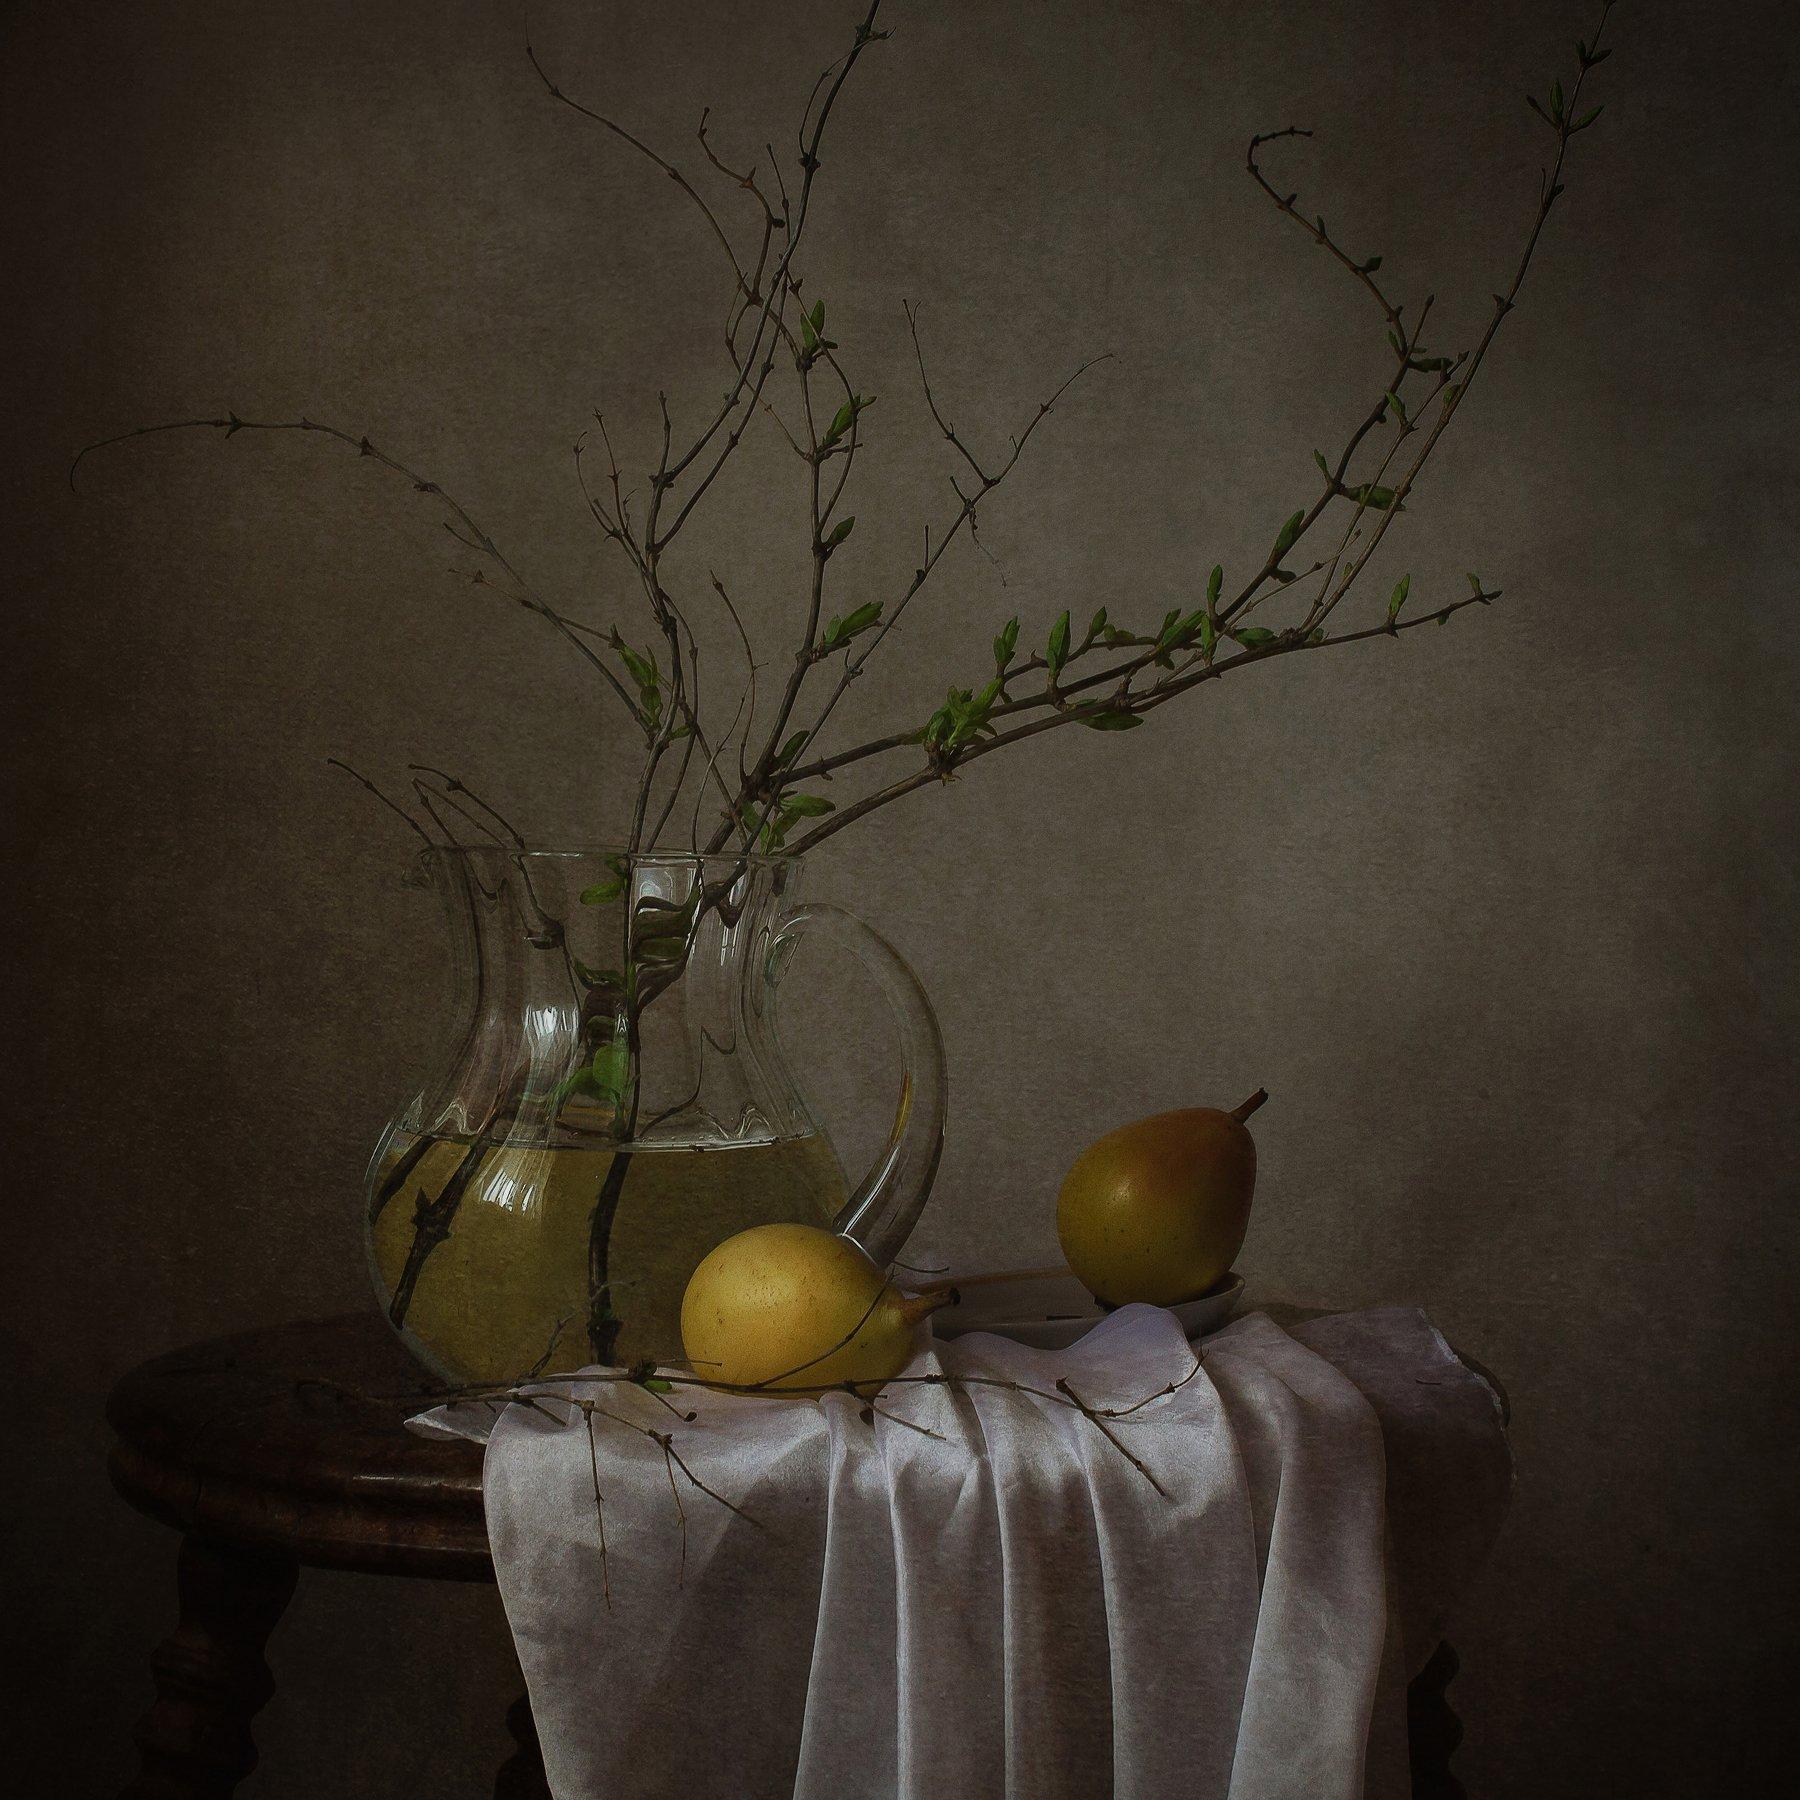 натюрморт, стекло, веточки, груши, Анна Петина